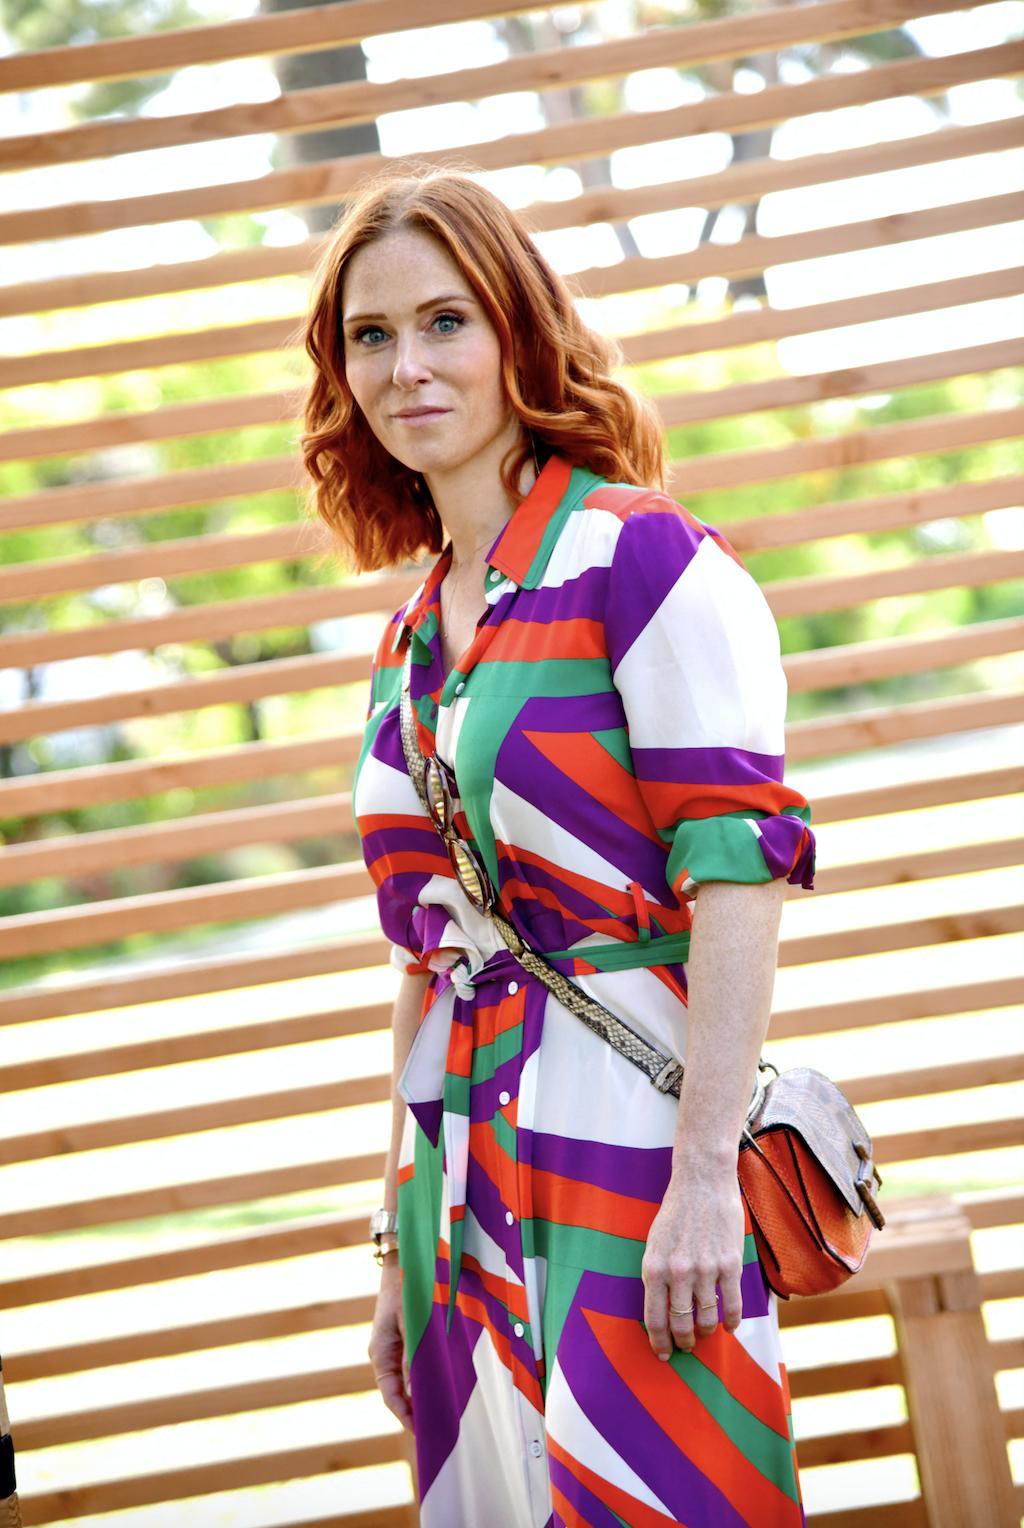 Audrey Fleurot en robe colorée et en sac à bandoulière léopard